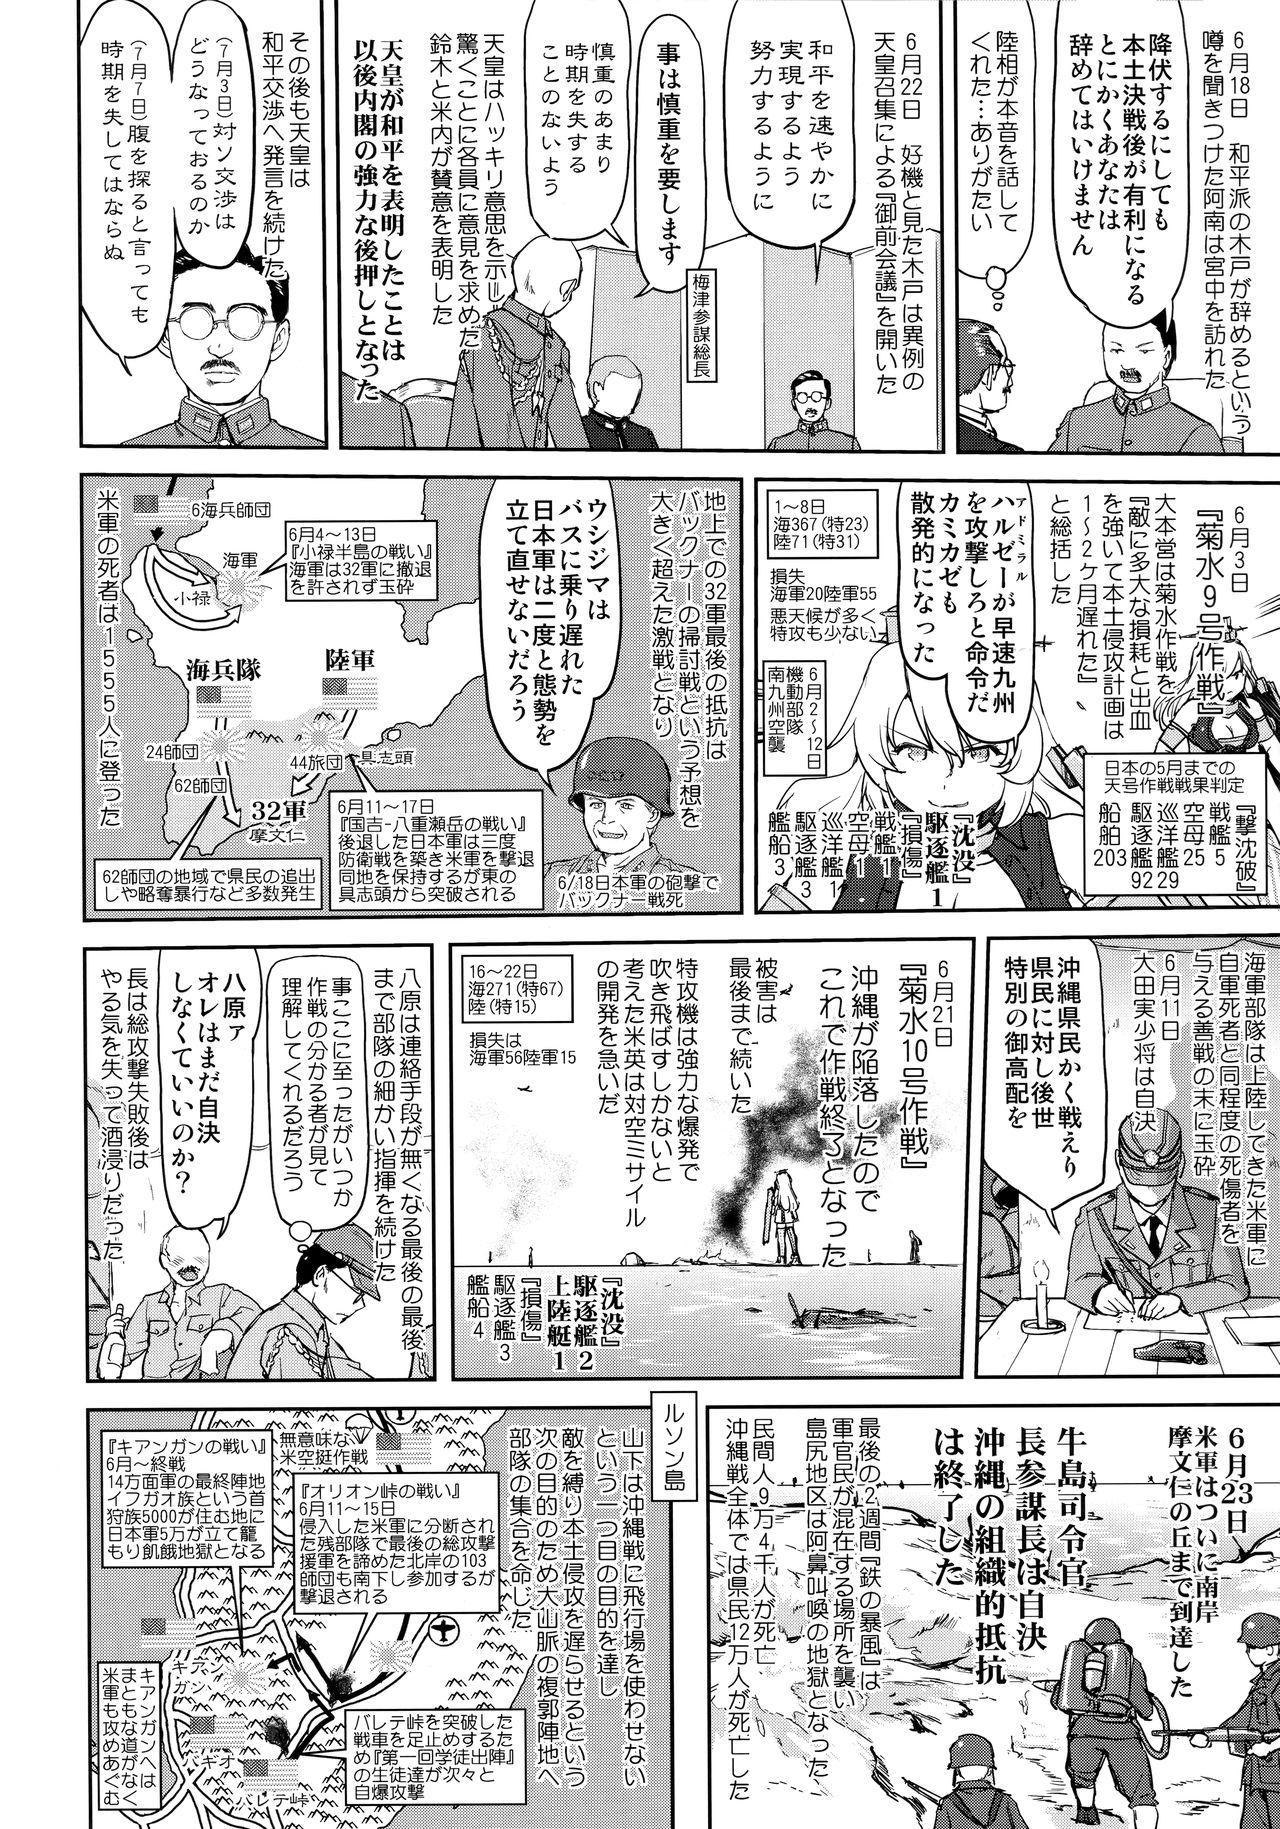 Teitoku no Ketsudan Kanmusu no Ichiban Nagai Hi 30